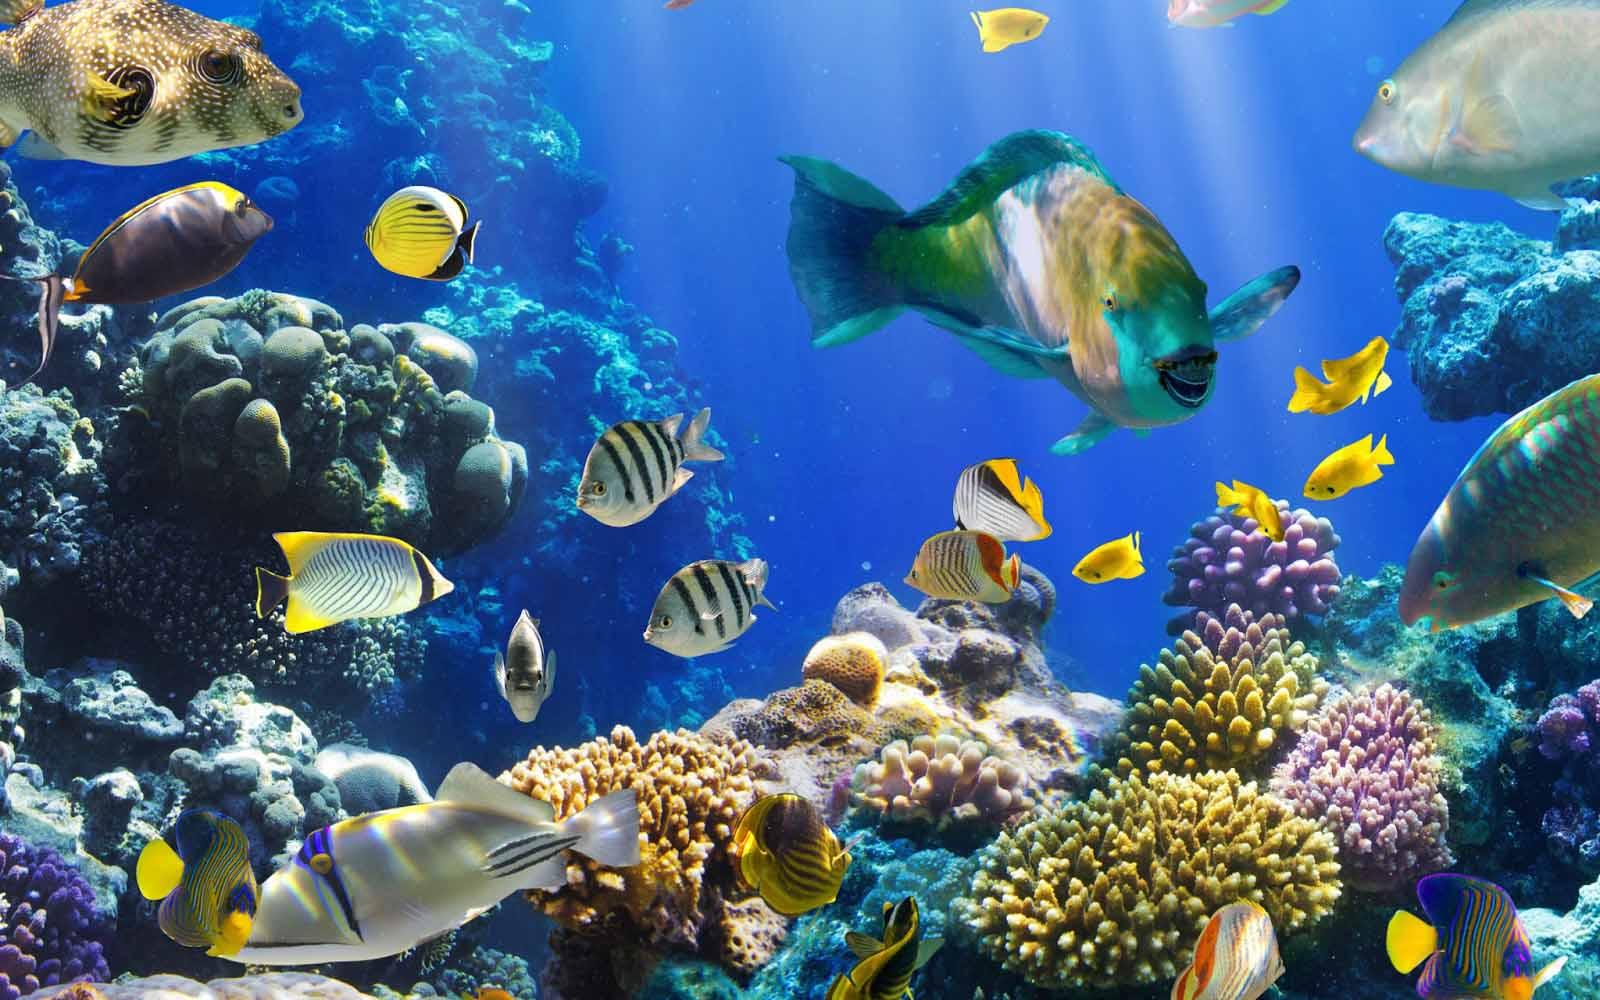 Los peces tienen memoria